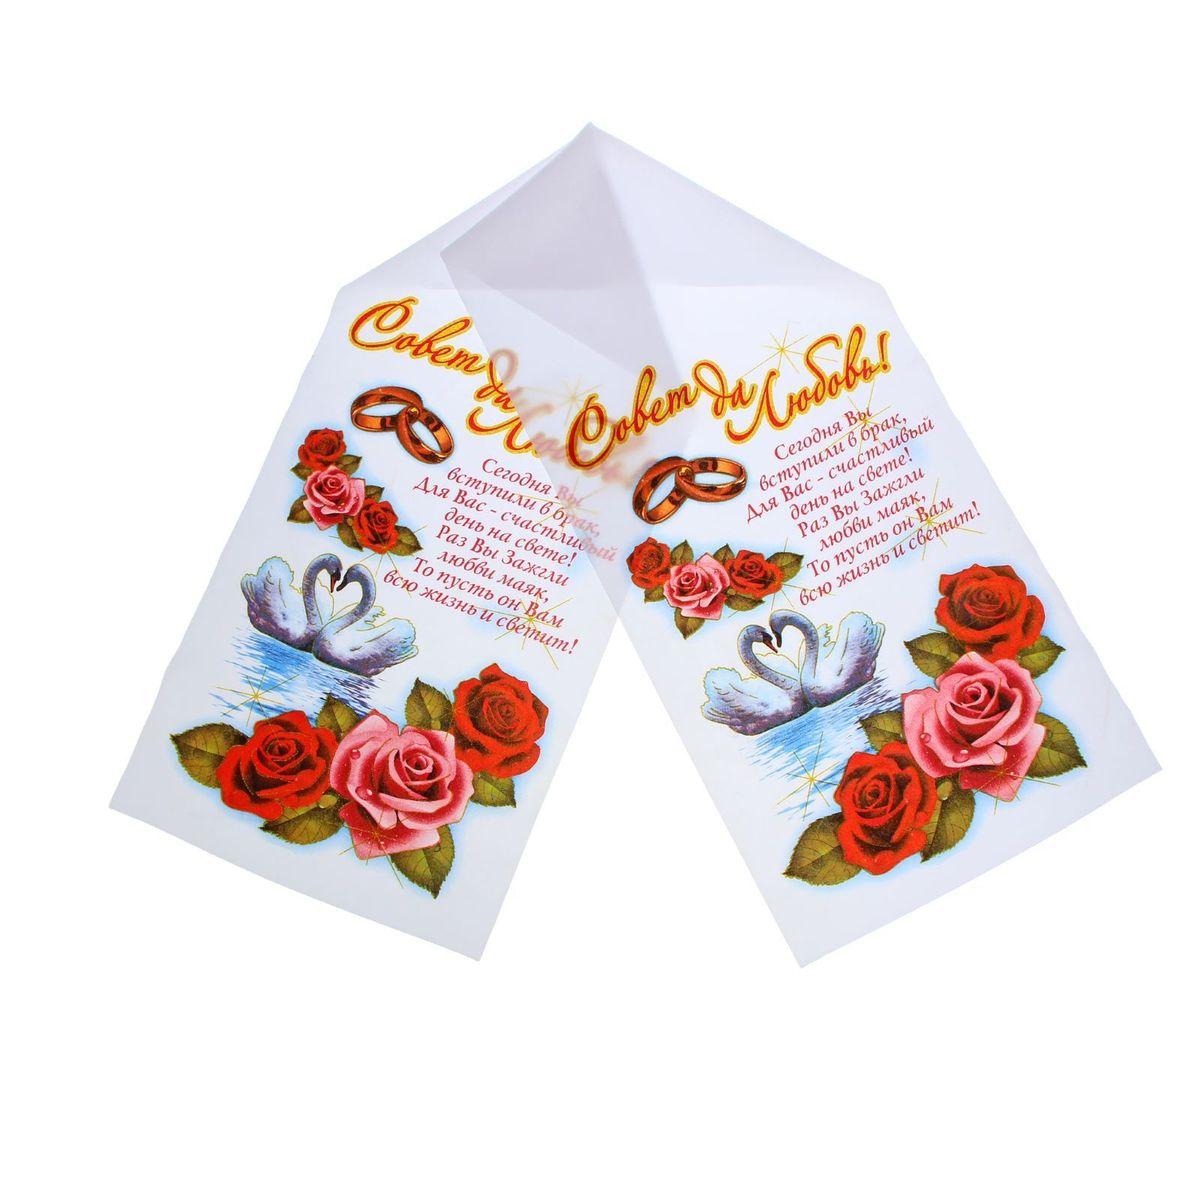 Sima-land Рушник Совет да любовь, цвет: мульти. 11347461134746Свадебные традиции издавна соблюдаются молодоженами и добавляют оригинальную изюминку в современную церемонию бракосочетания. Момент встречи родителями молодоженов с хлебом и солью пройдет ярко и запомнится всем гостям благодаря оригинальному рушнику эксклюзивного дизайна. Он символизирует собой нерушимую связь двух любящих сердец. Традиционный сувенир оберегает молодоженов от порчи и сглаза, приносит в дом мир и покой.